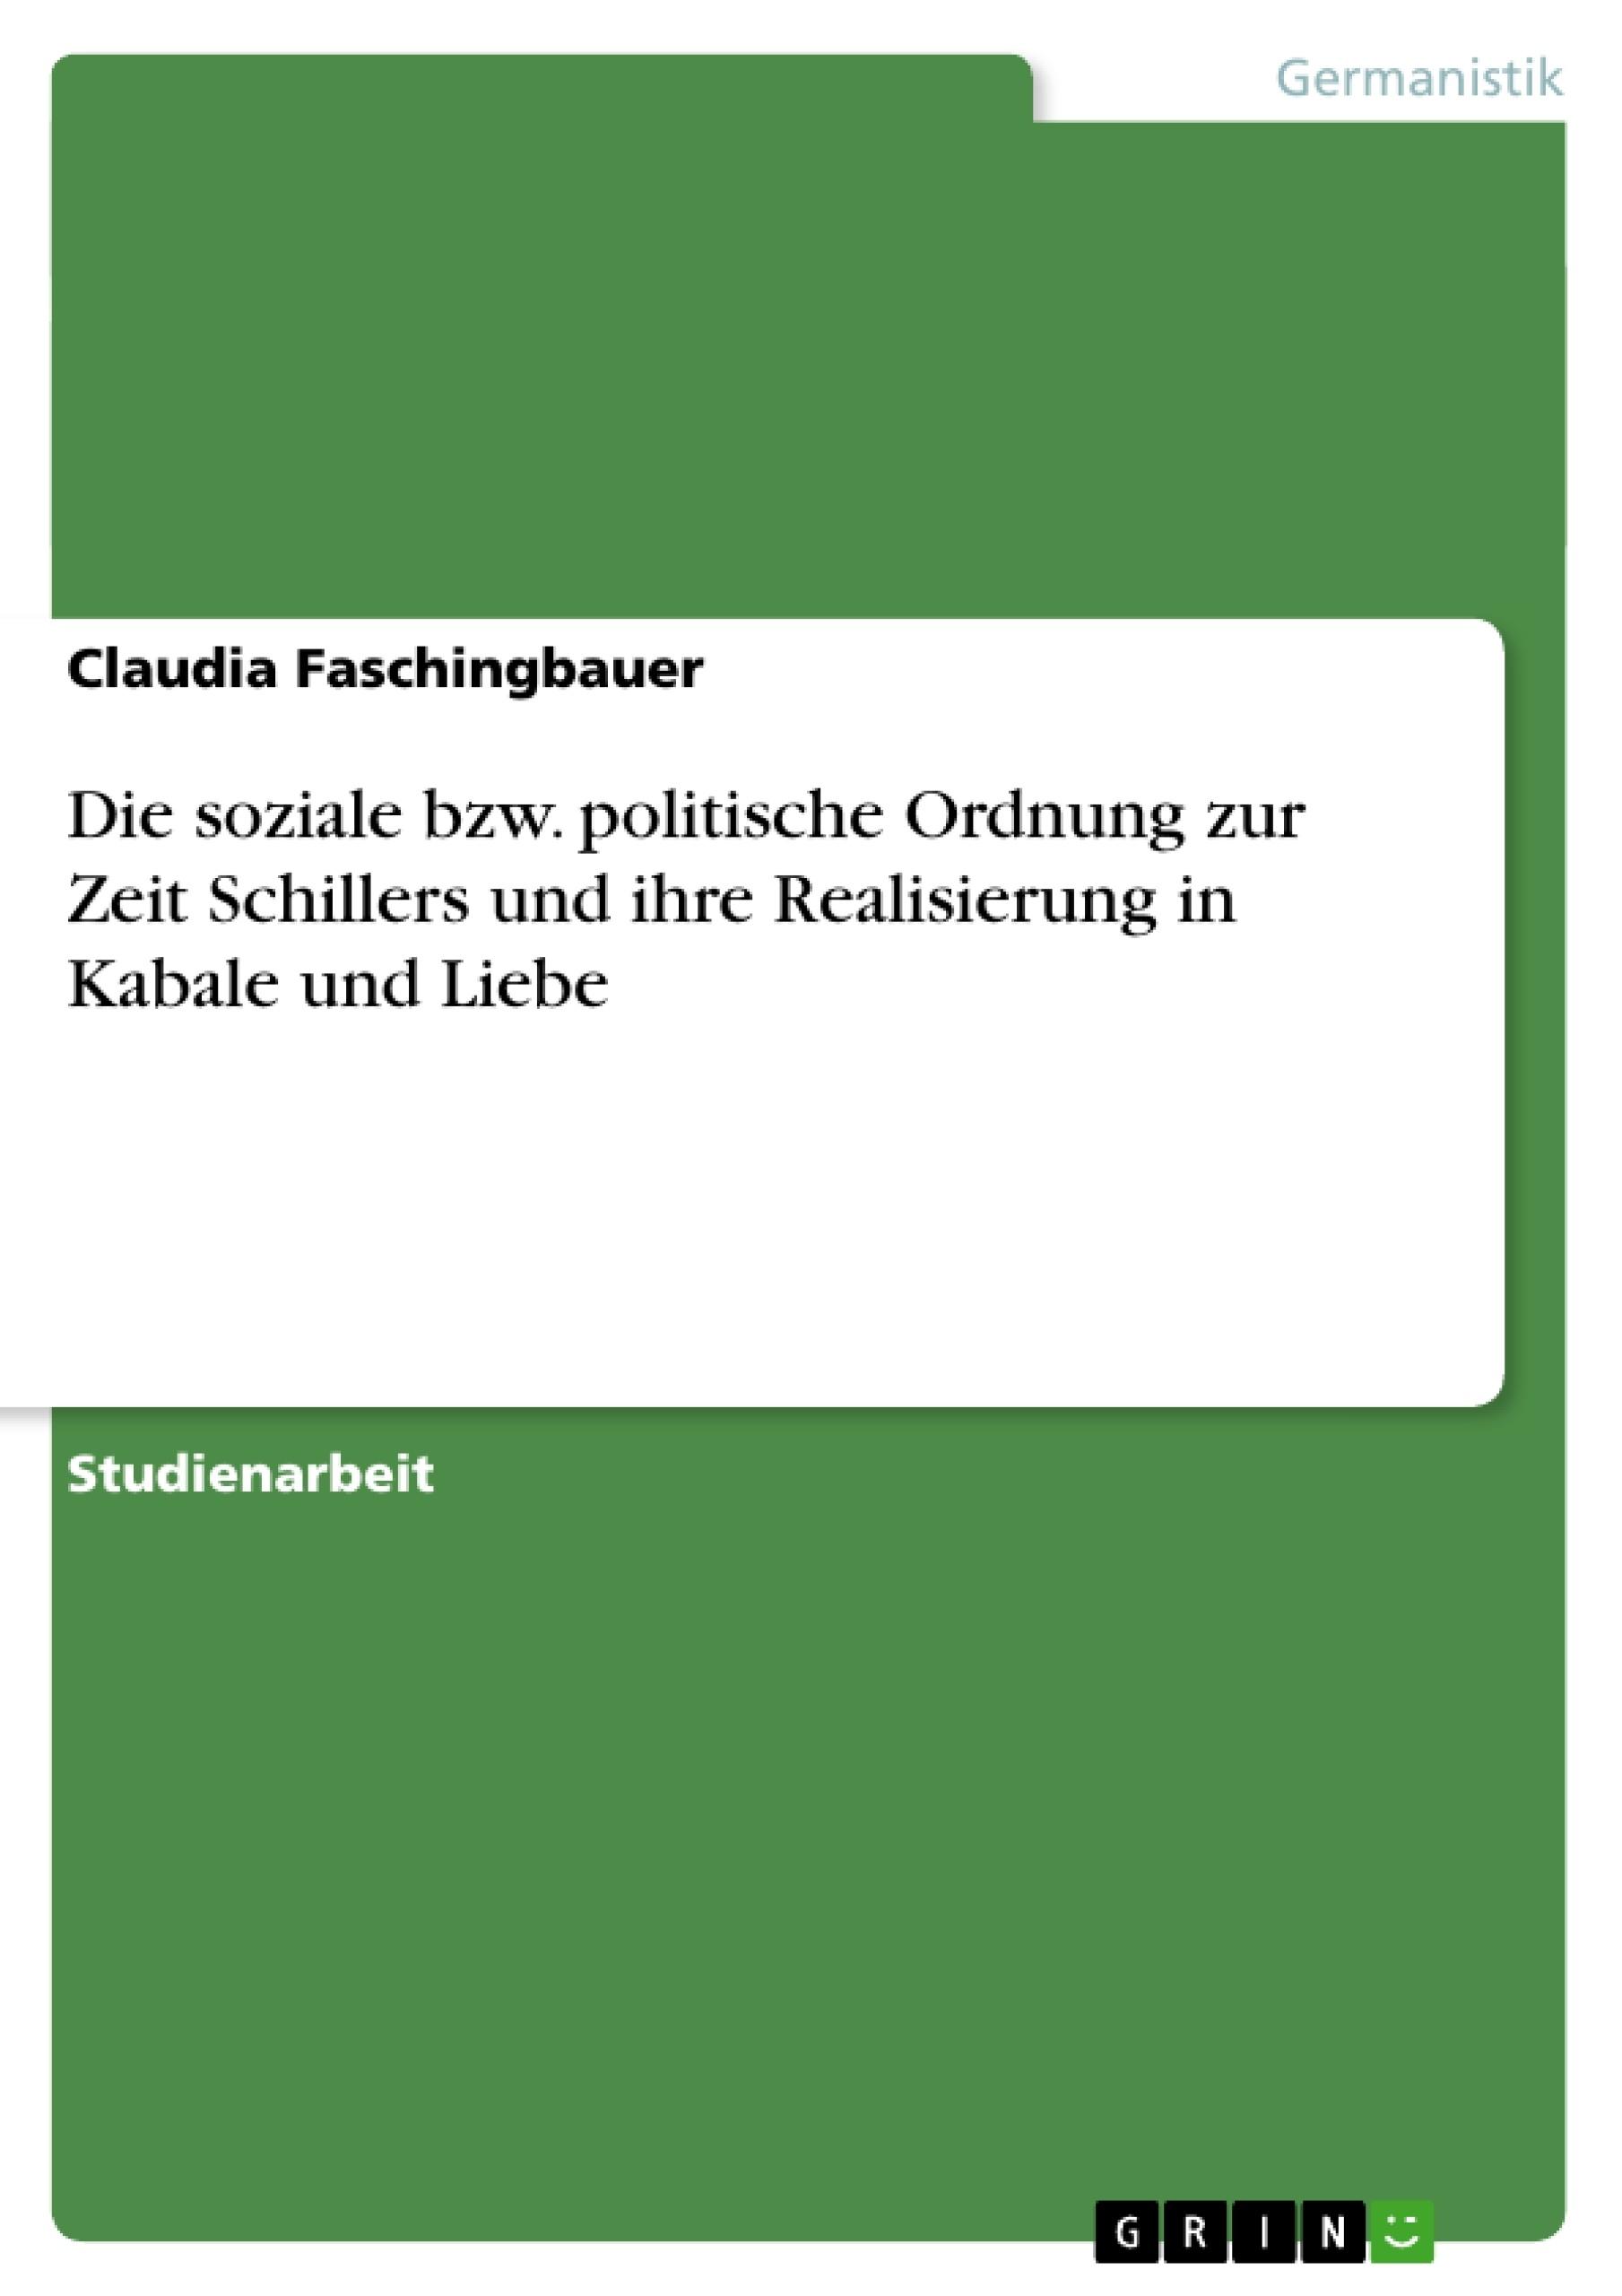 Titel: Die soziale bzw. politische Ordnung zur Zeit Schillers und ihre Realisierung in Kabale und Liebe